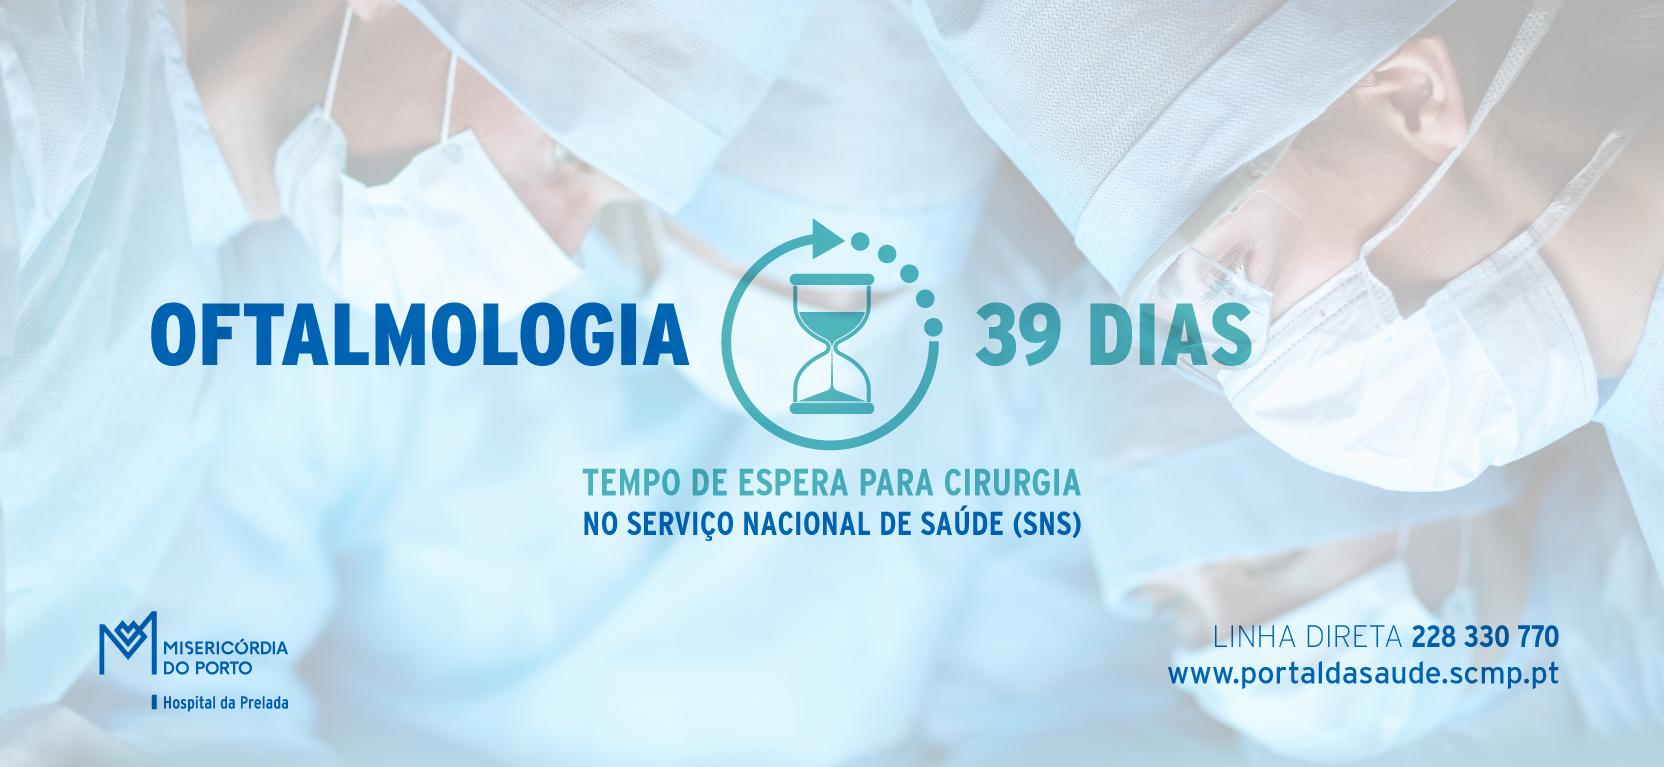 https://portaldasaude.scmp.pt/assets/misc/img/Slideshow_home/2019/Tempos%20de%20Espera/Cirurgia/maio/HP%20TE%20banner%20site%201664X767px_maio_cirurgia%20oftalmologia.jpg